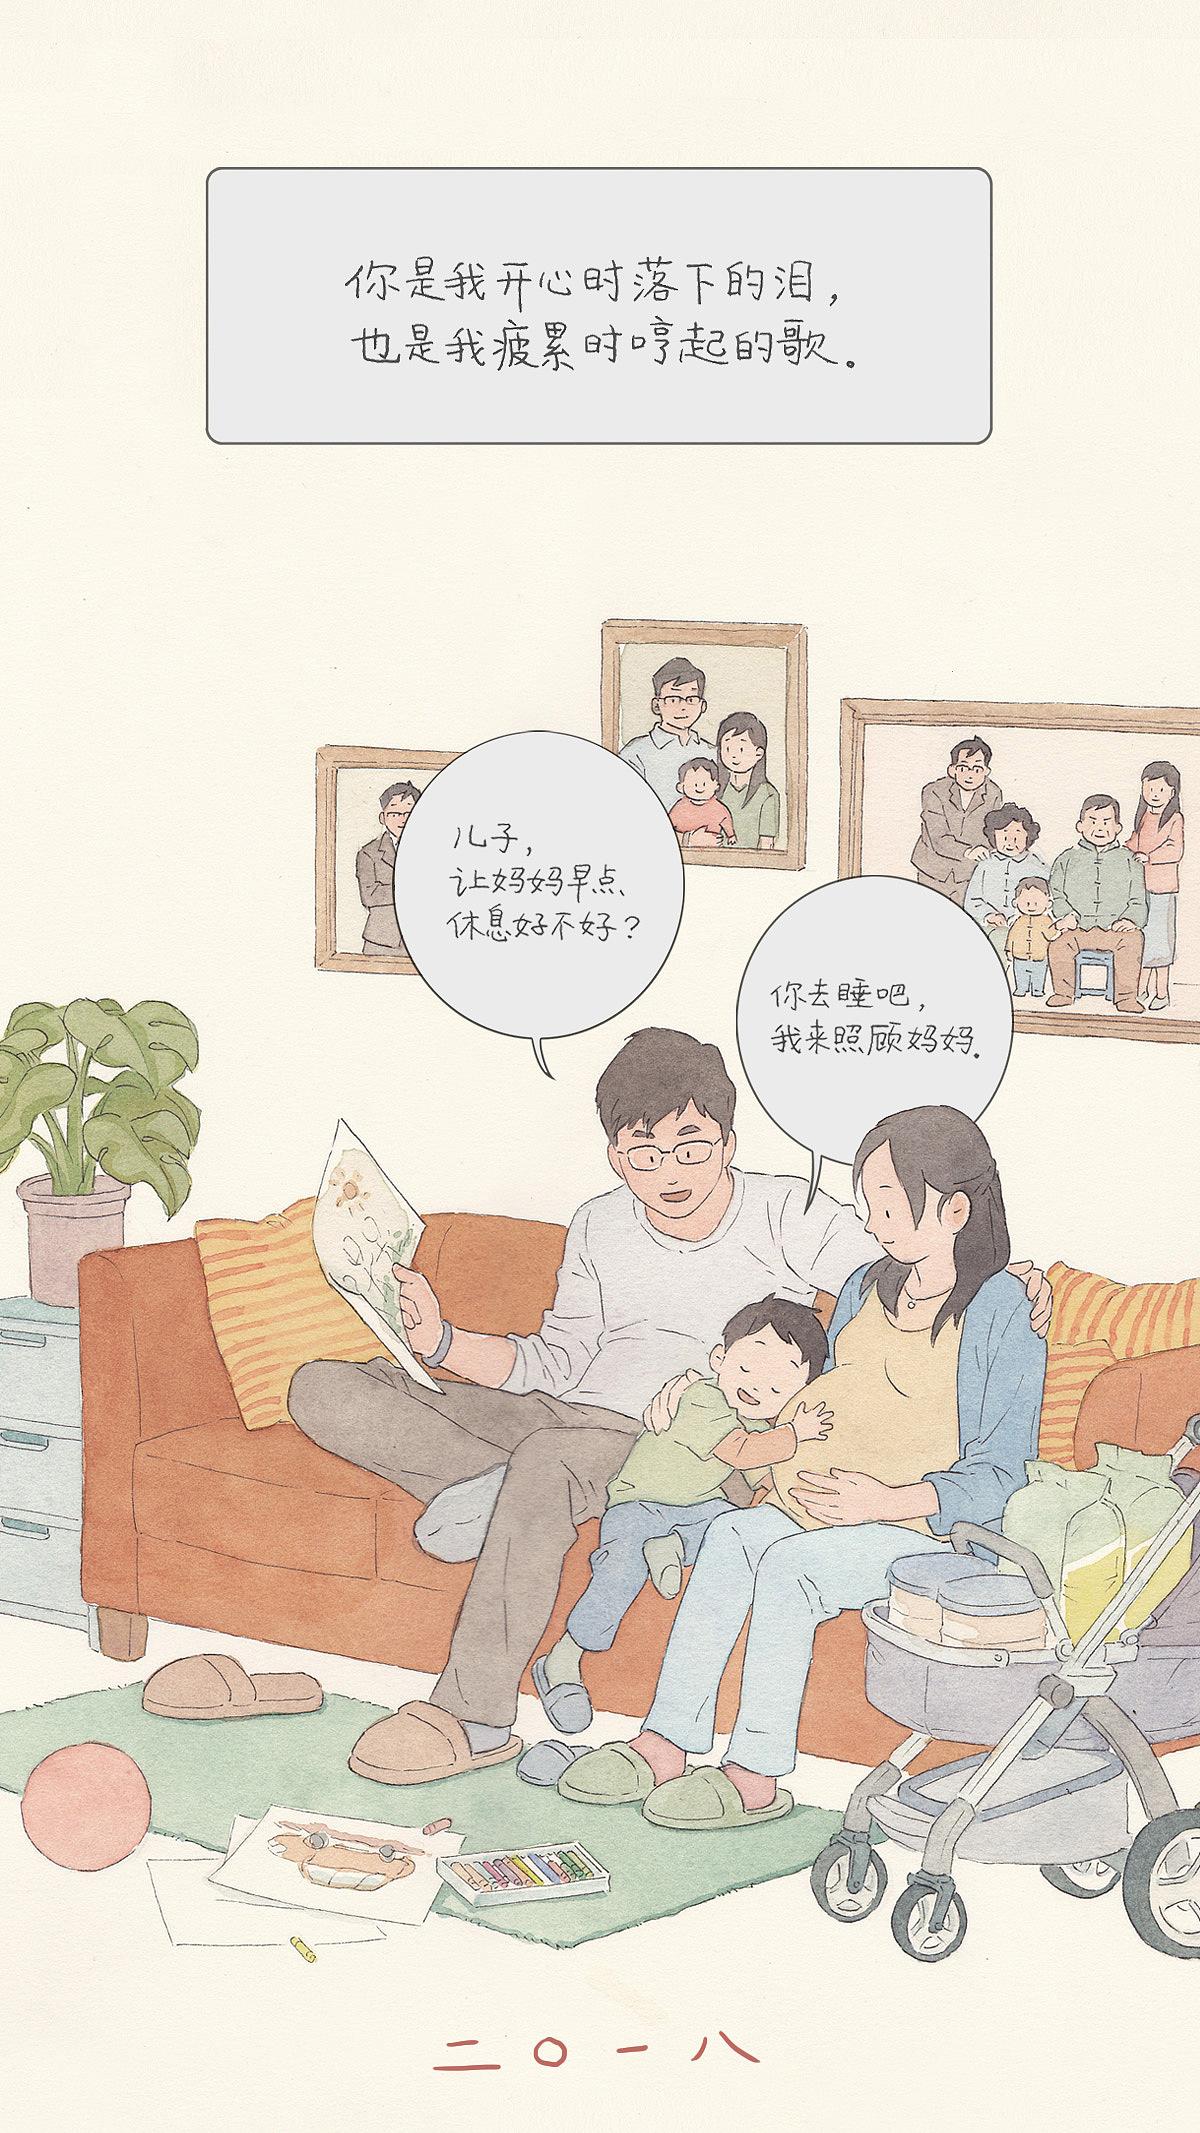 灵童日常之七 人间 单幅漫画 李彬BinLee-原创漫画动漫图片